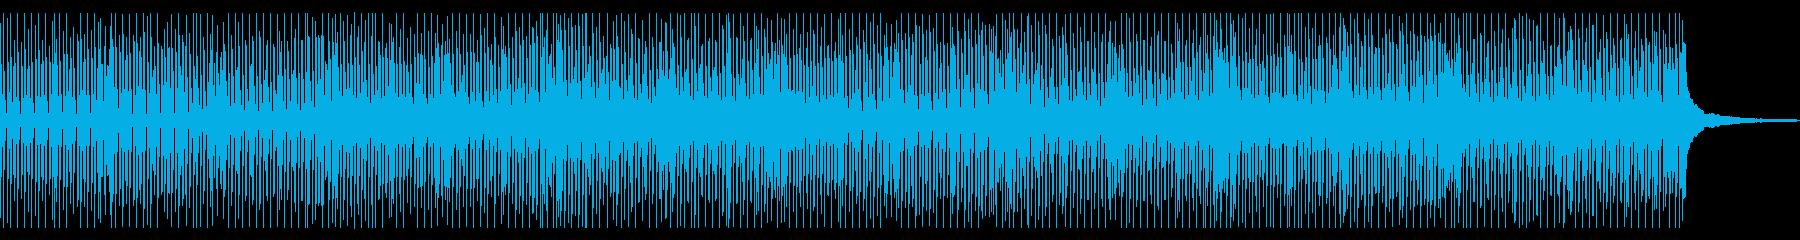 【メロディ抜き】明るく朗らかなコンセプトの再生済みの波形